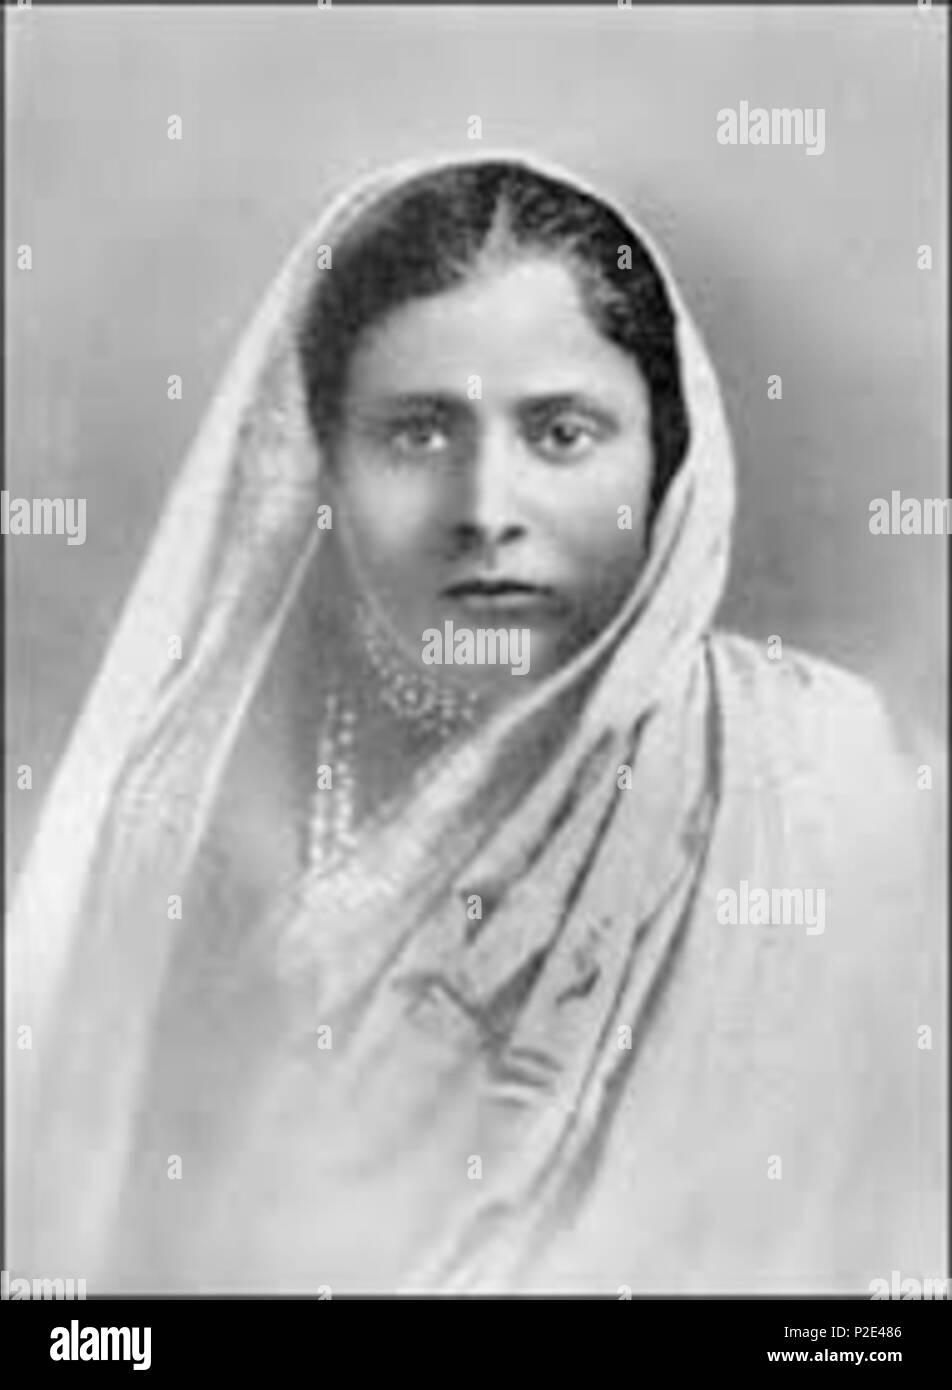 Deutsch Gyana Prabha Ghosh Guru Ghosh Mutter Von Paramahansa Yogananda Gelebt Von 1868 1904 Anhangerin Von Lahiri Mahasaya English Gyana Prabha Ghosh Guru Ghosh Mother From Paramahansa Yogananda Lived From 1868 1904 Devotee